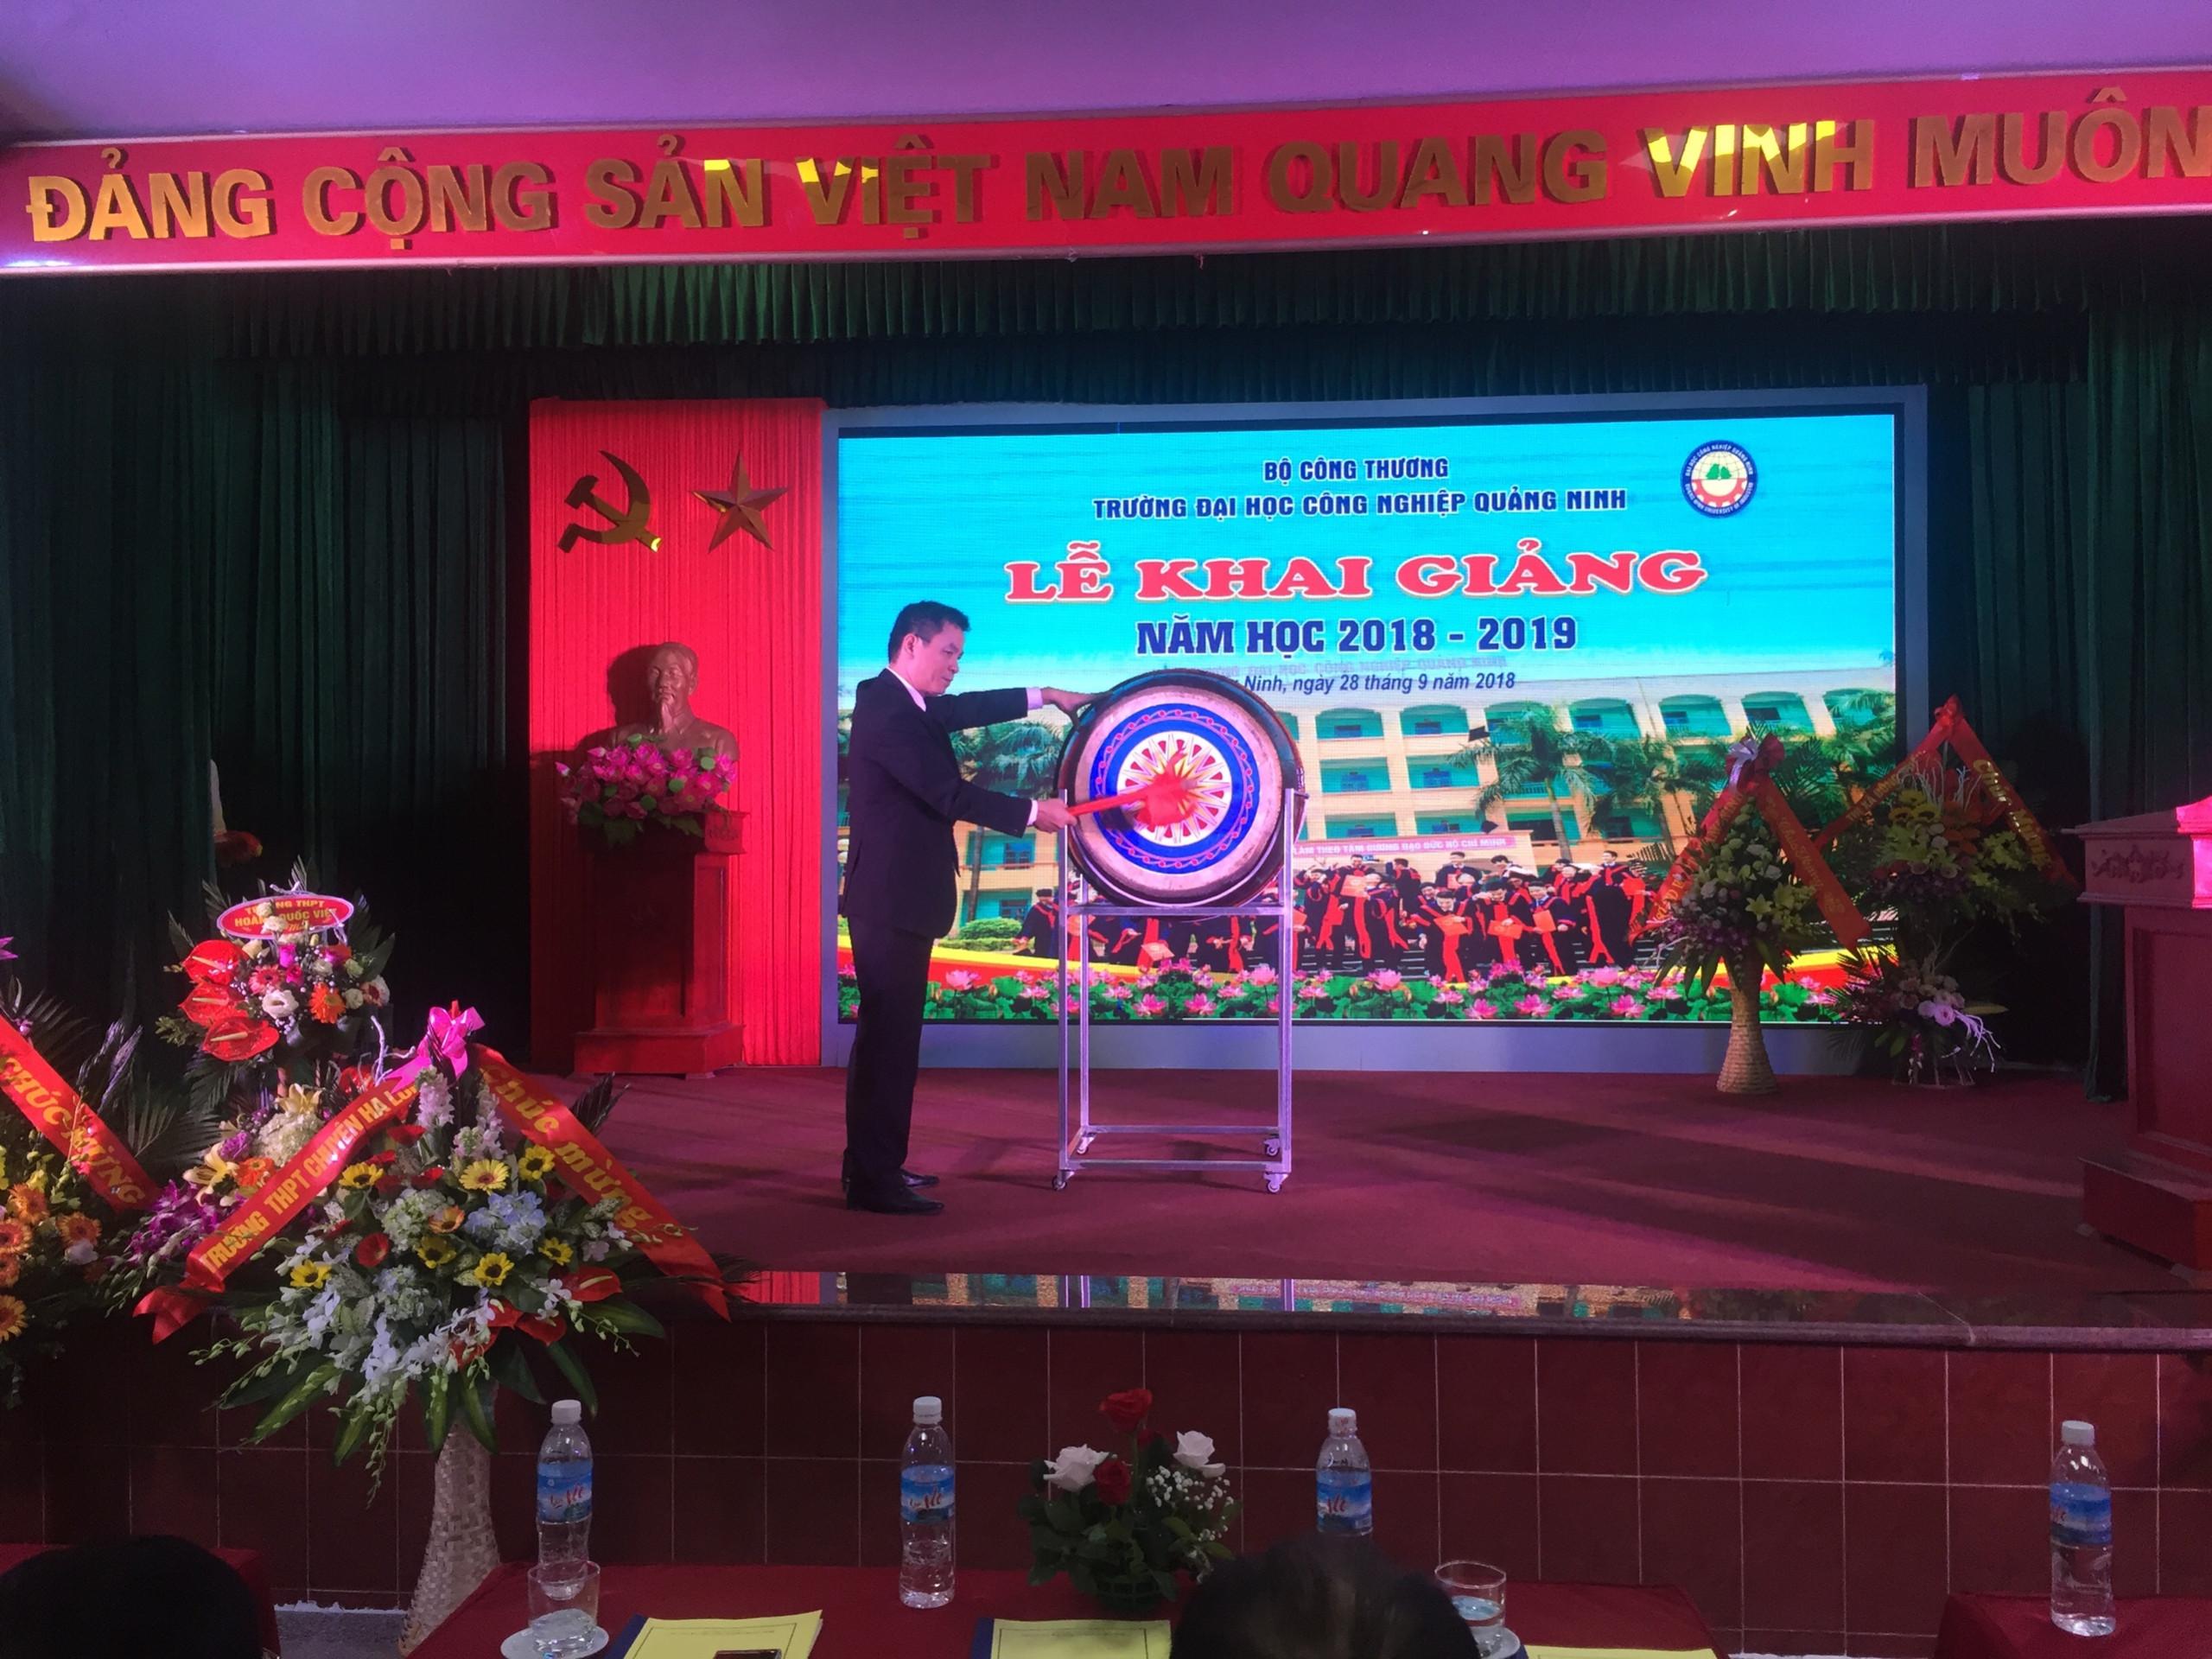 TS. Hoàng Hùng Thắng - Bí thư Đảng ủy, Hiệu trưởng nhà trường đánh trống khai giảng năm học mới